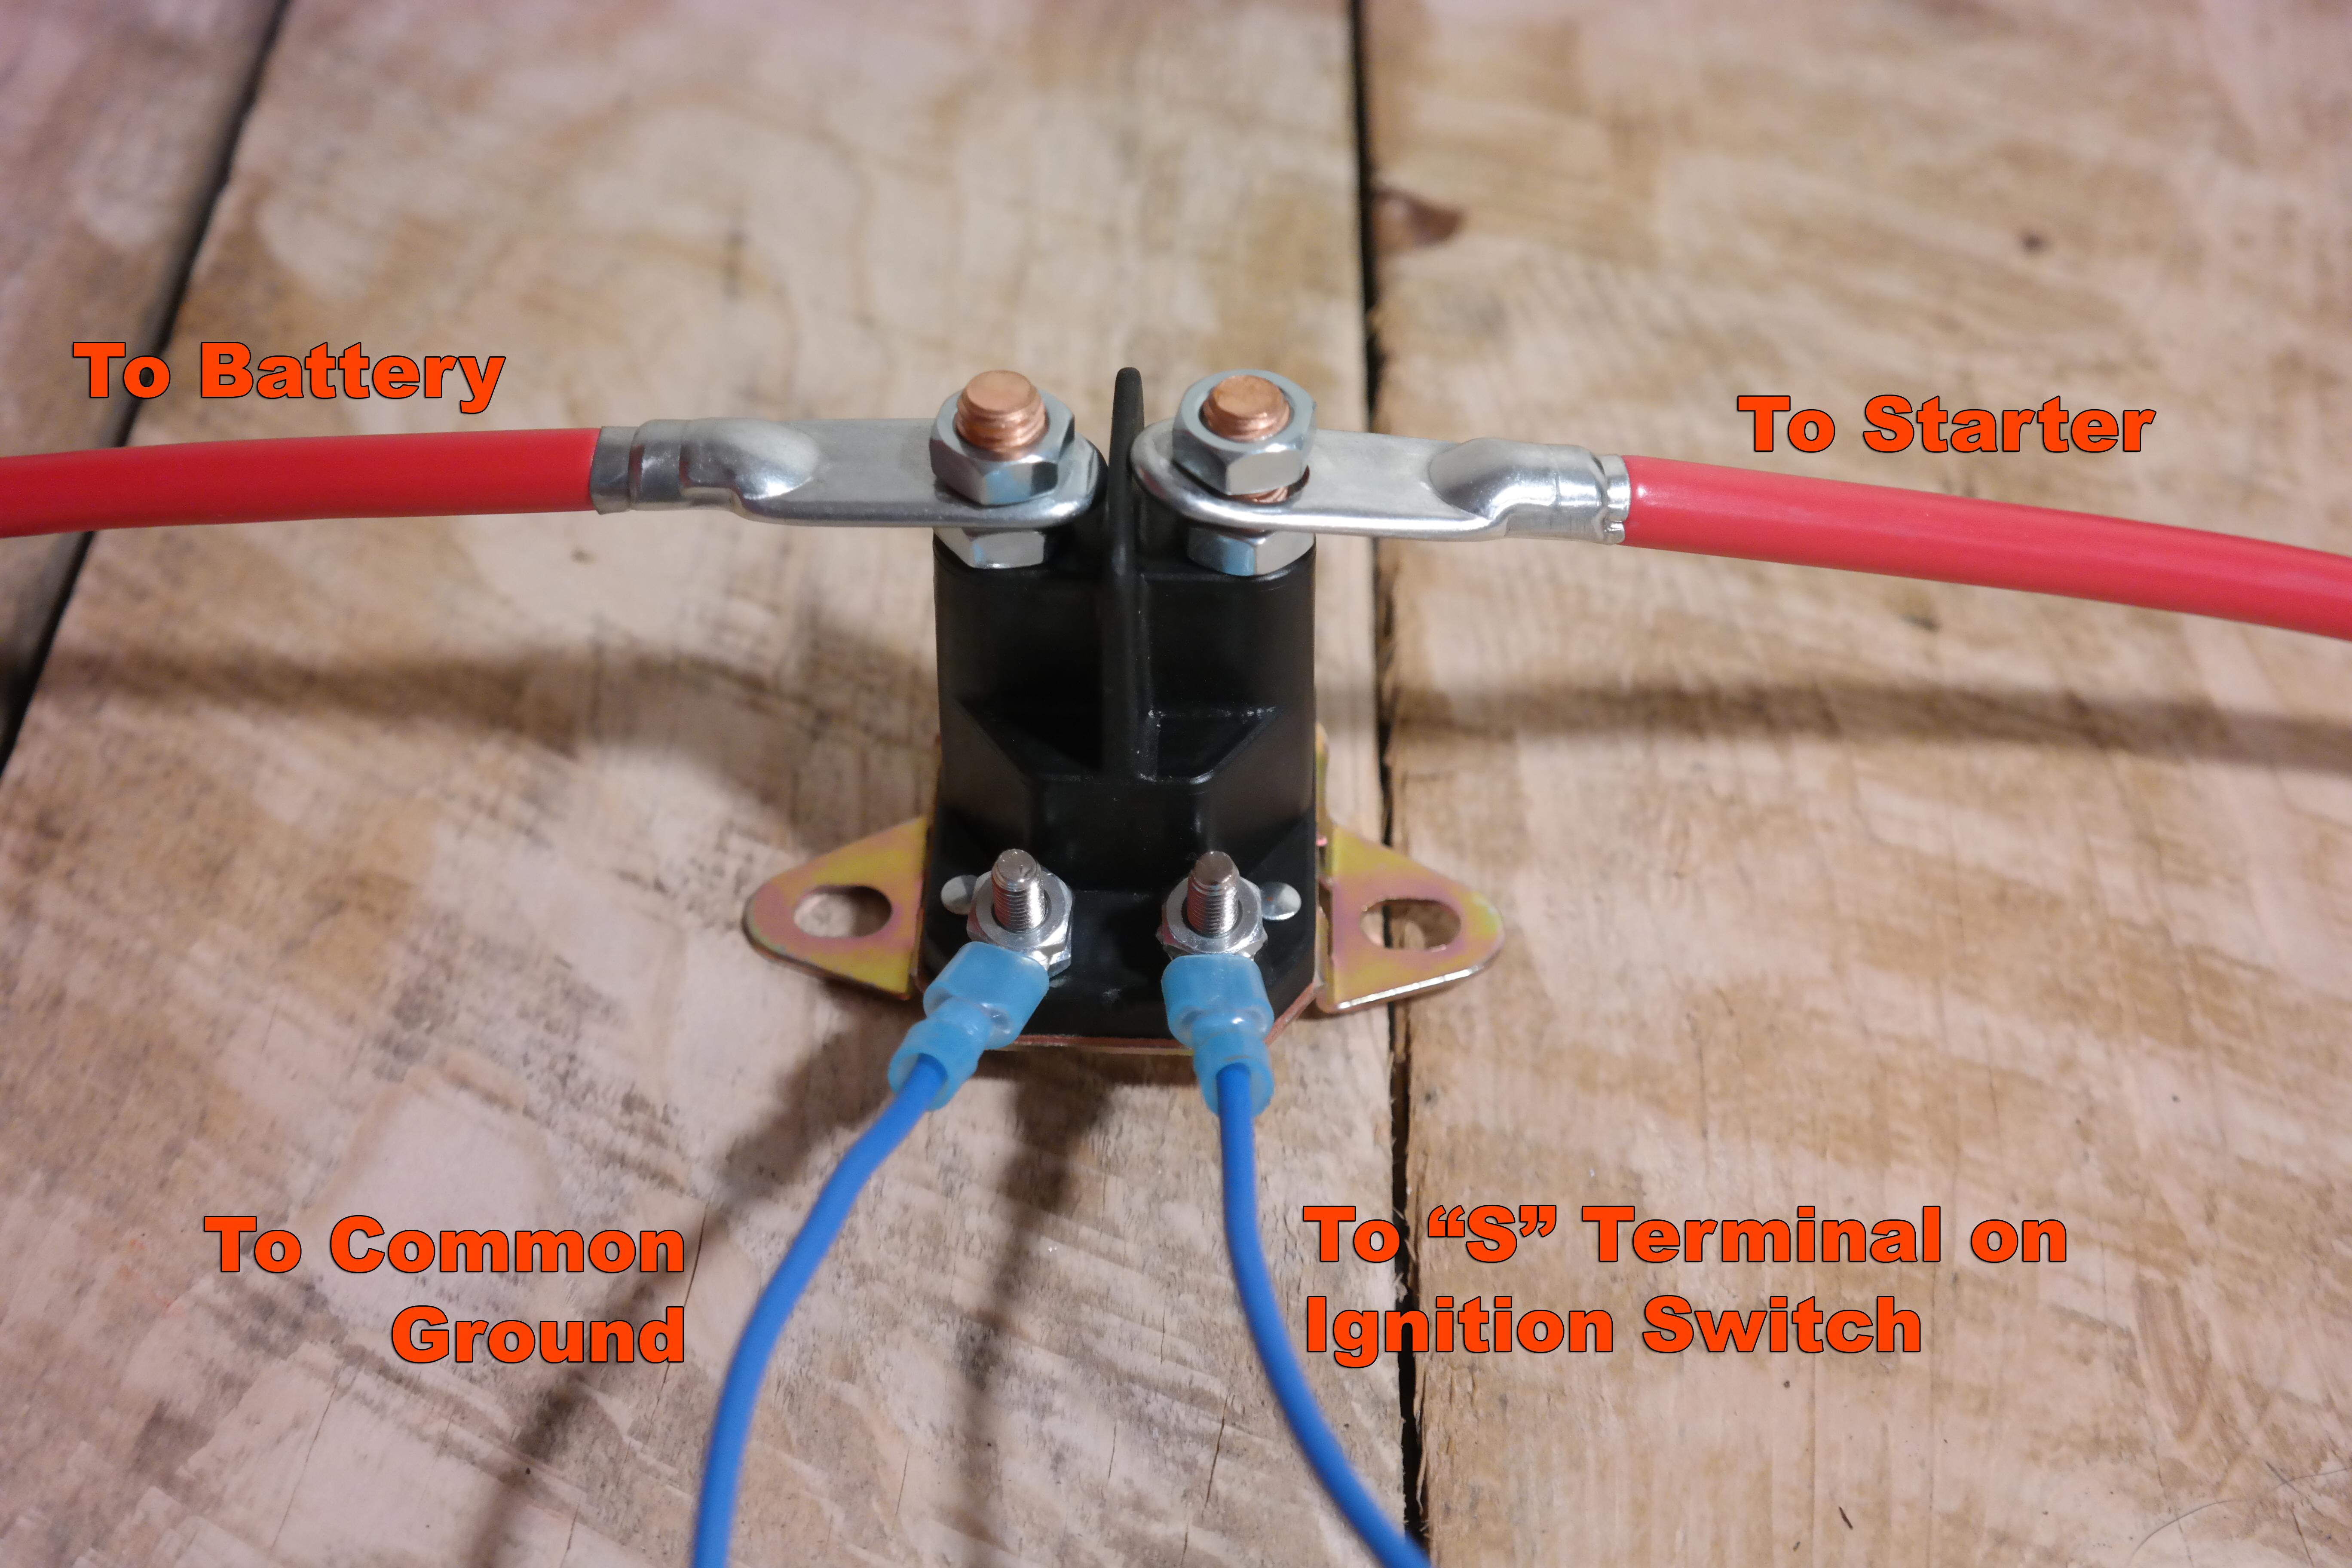 starter solenoid mtd solenoid wiring diagram turcolea com mtd solenoid wiring diagram at nearapp.co